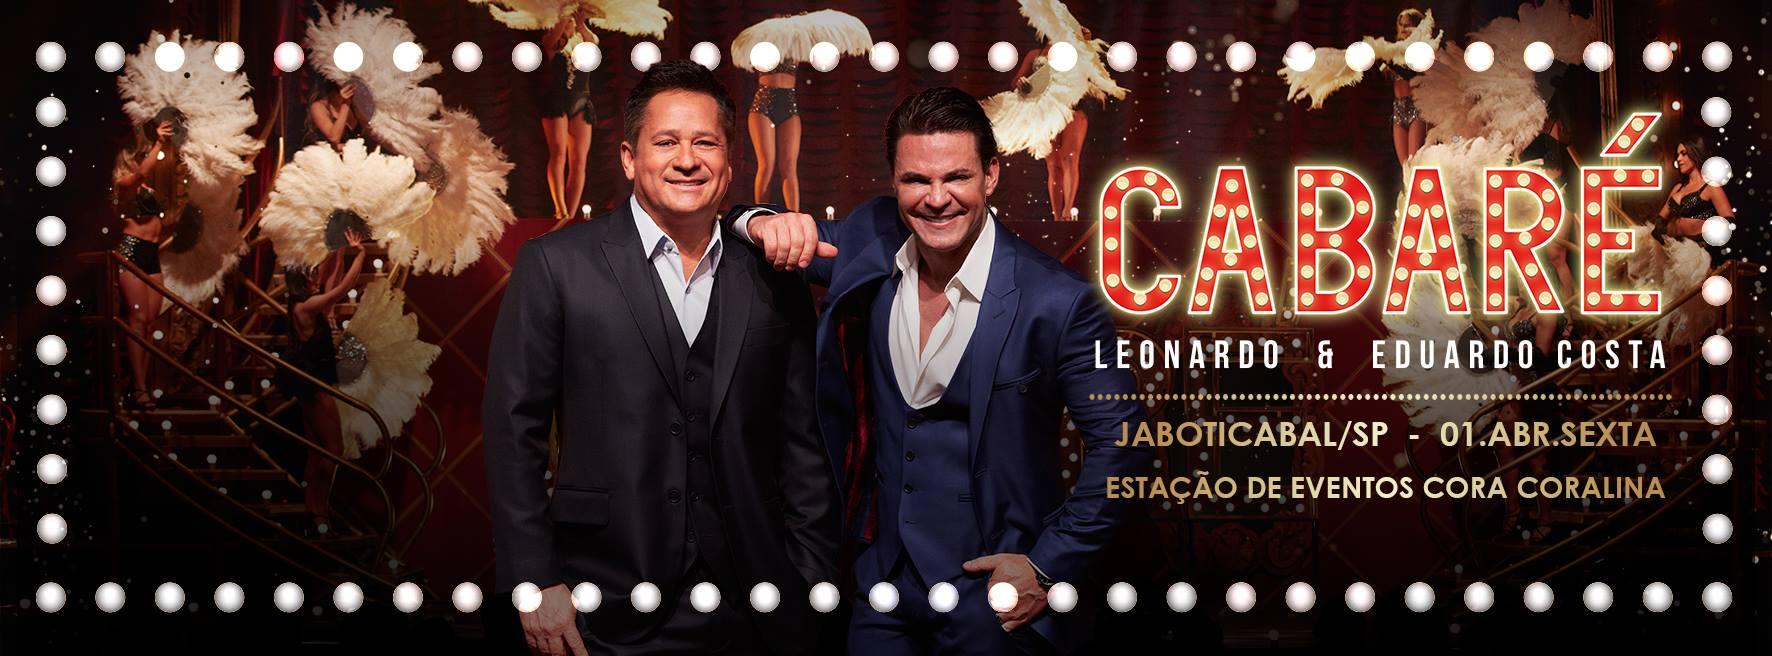 Show Cabaré (Ilustração: Organização do evento)